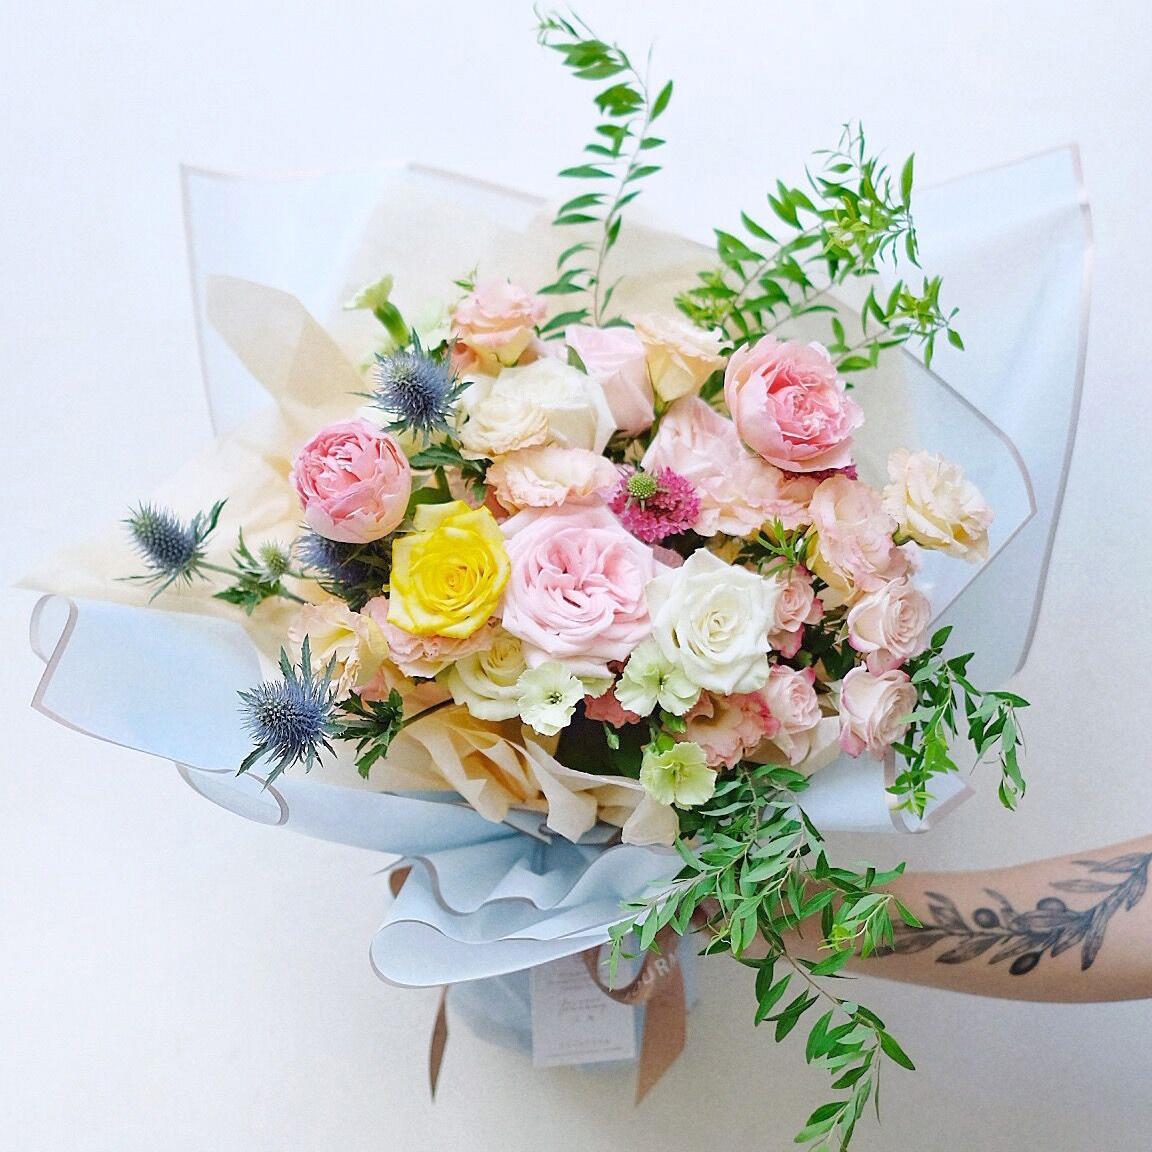 Kualitas Baik Hadiah Pembungkus Sekarang Tahan Air Emas Sisi Bunga Kemasan Kertas Buy Bunga Kemasan Kertas Seni Packing Toko Bunga Kertas Pembungkus Product On Alibaba Com